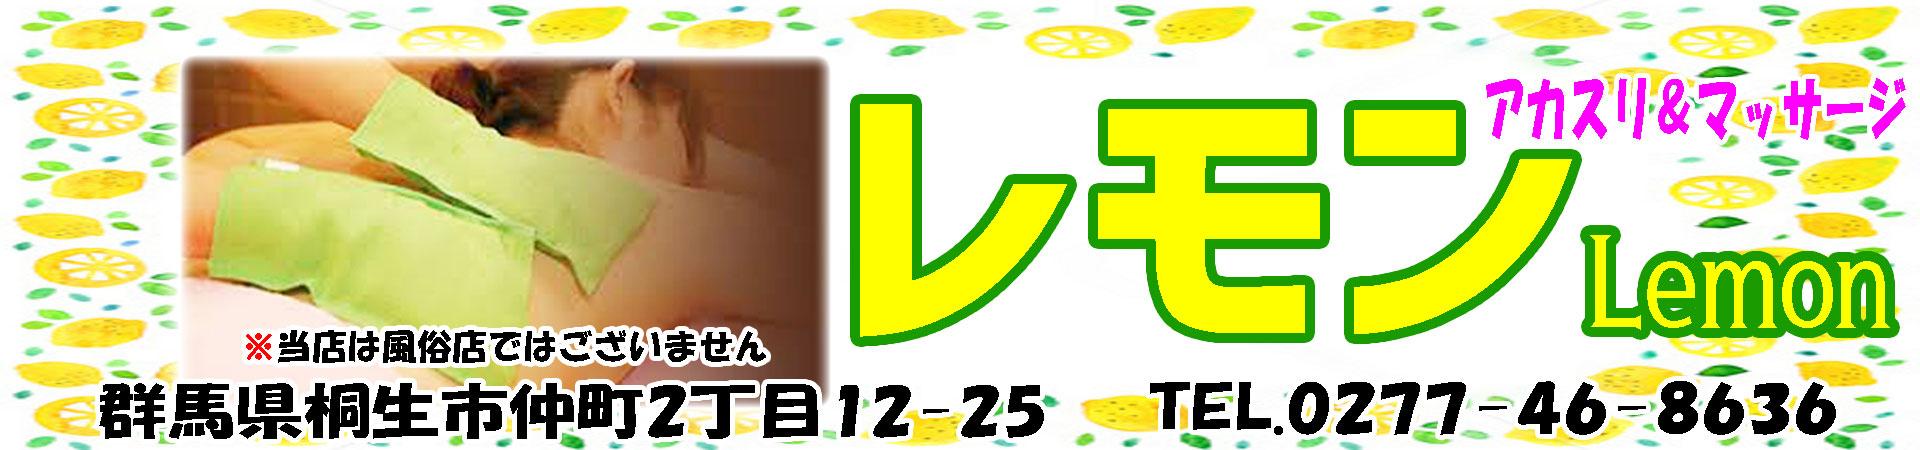 【レモン】桐生市/群馬